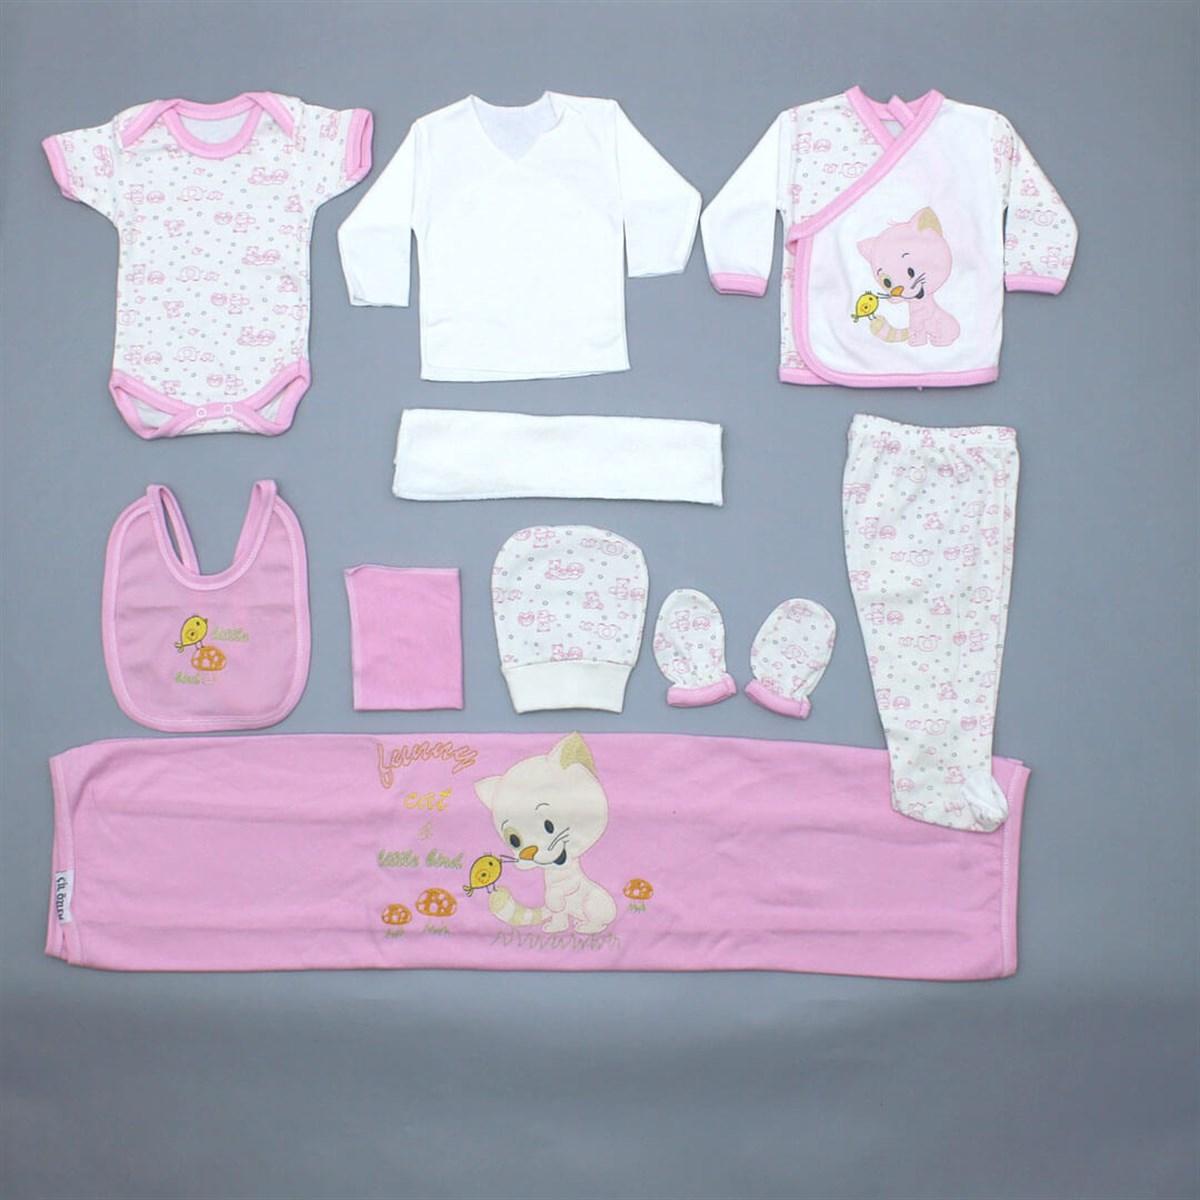 طقم ملابس بتصميم قطة رضع حديثي الولادة- 10 قطع